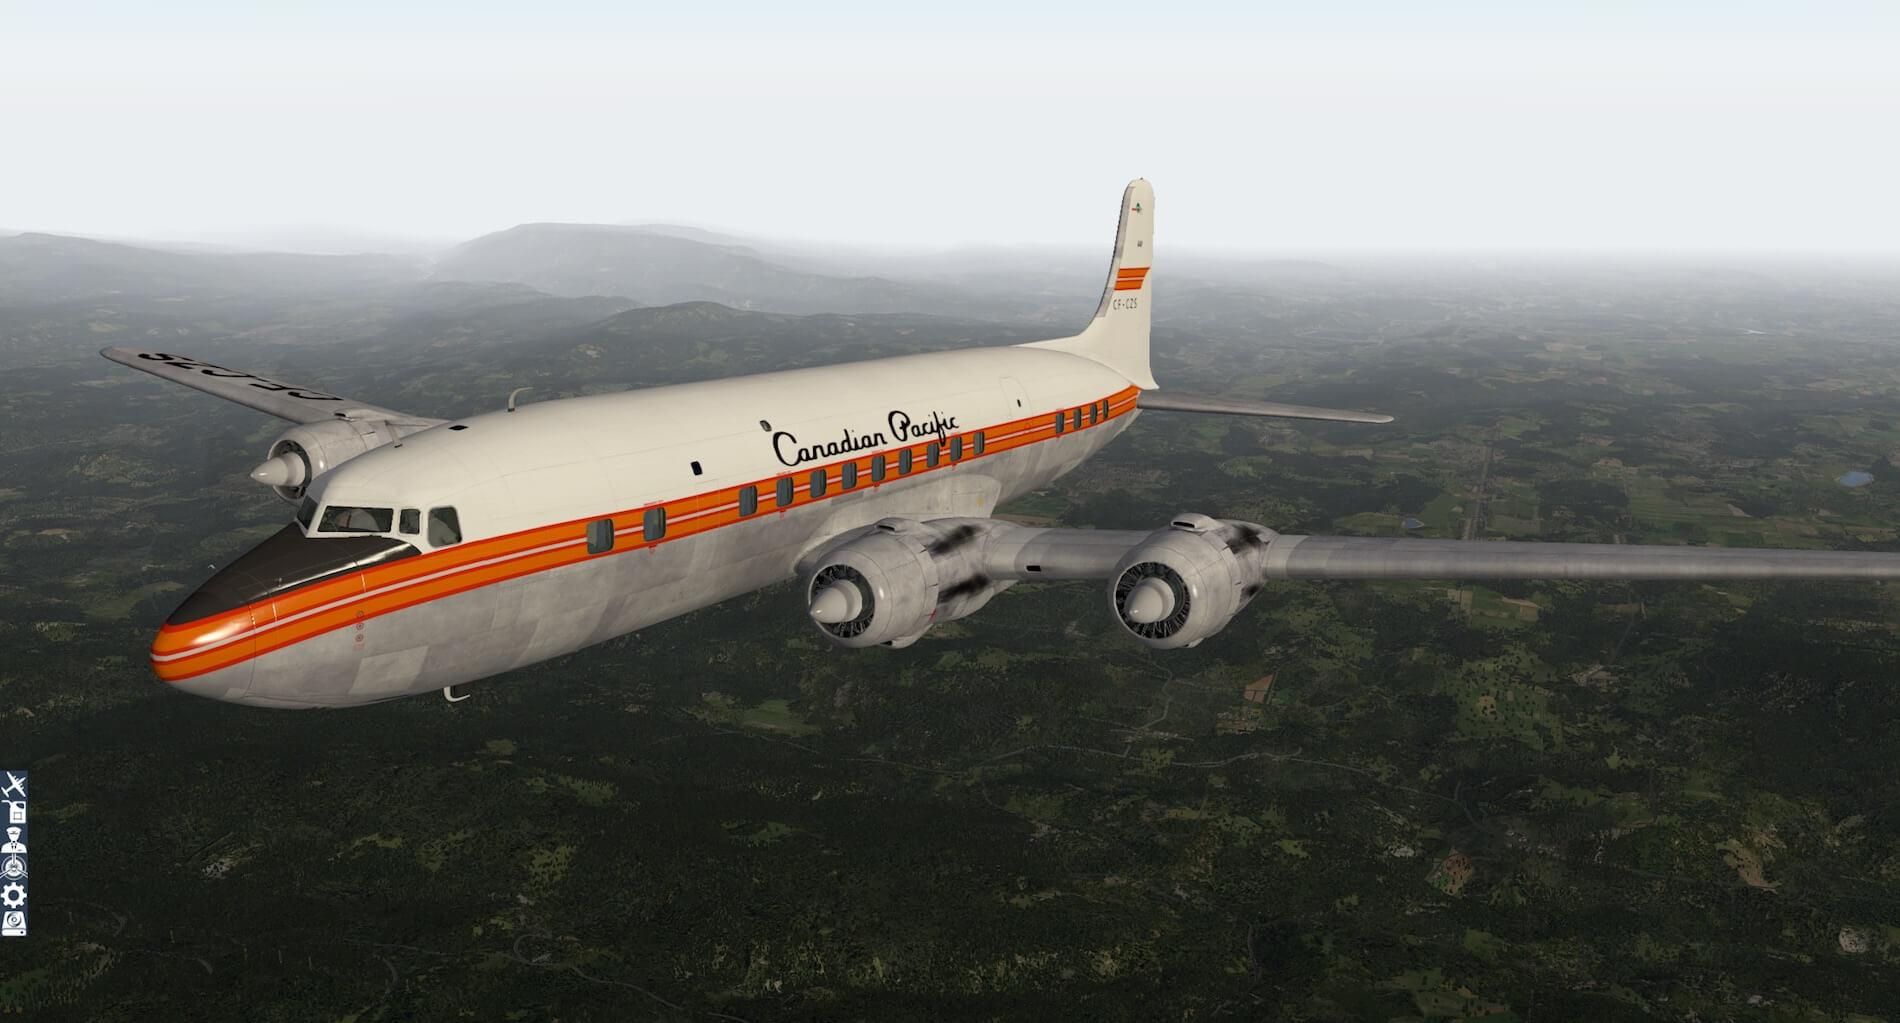 Pmdg x plane | PMDG quality on X - 2019-01-09